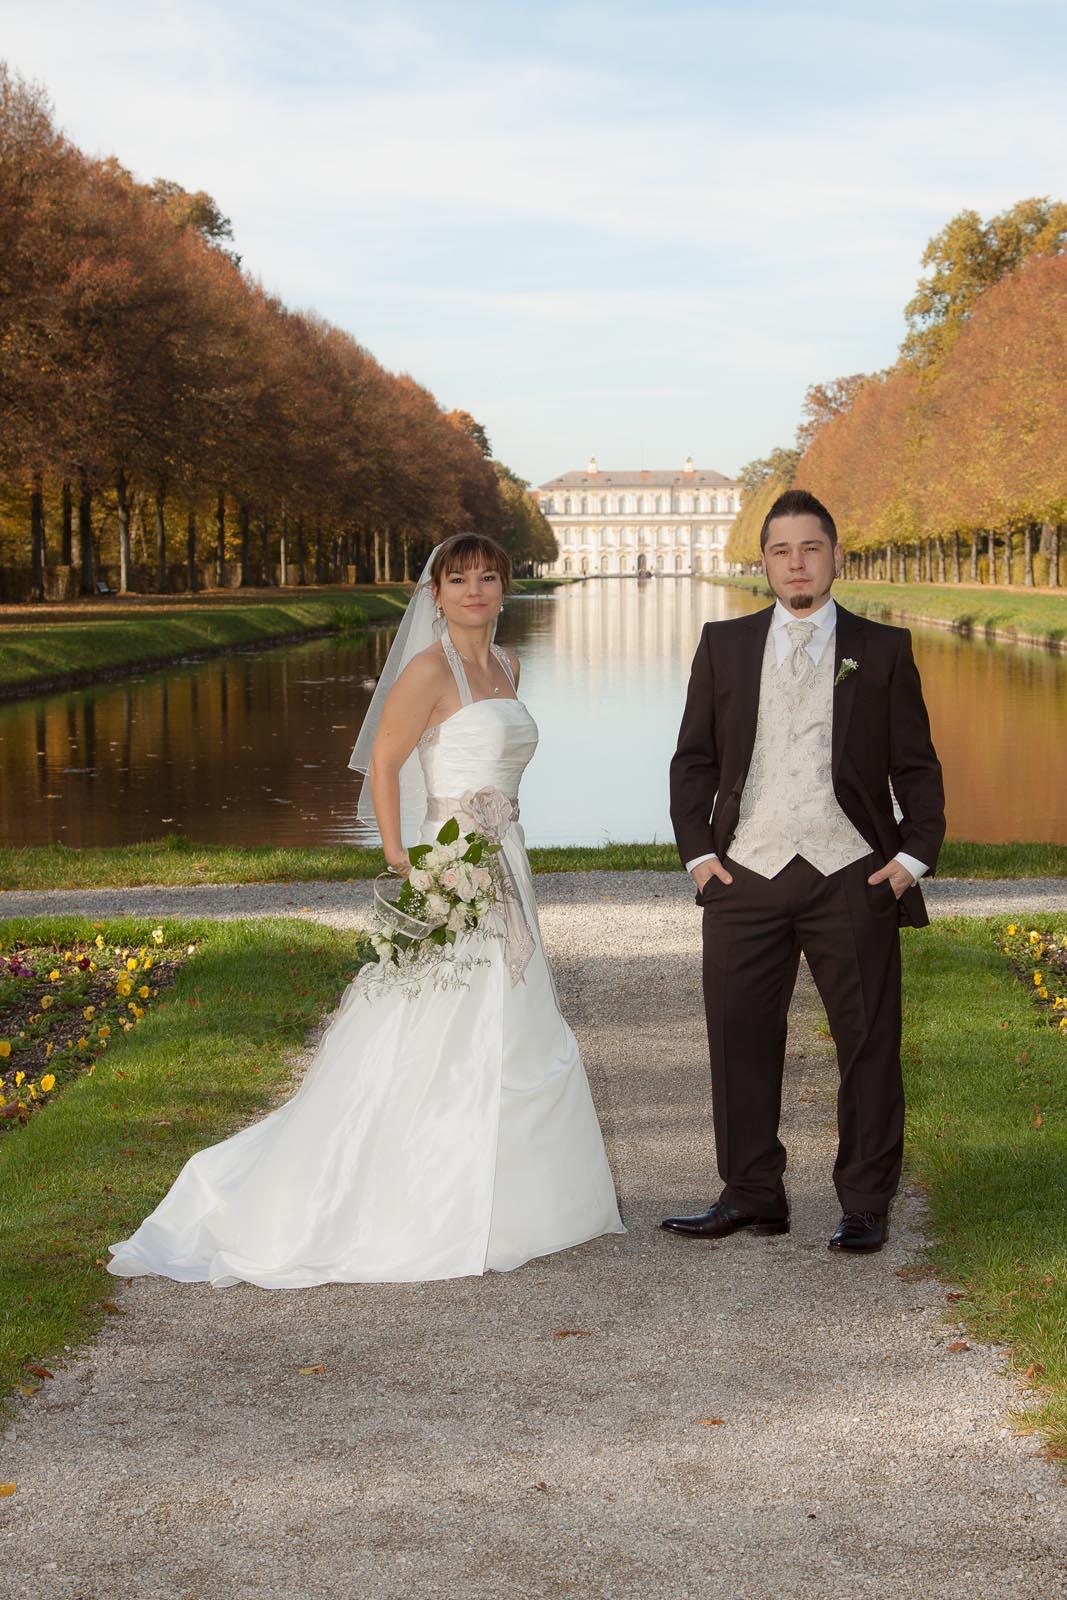 Hochzeit-Portrait-Kressierer-Hochzeit-Kressierer-2912.jpg